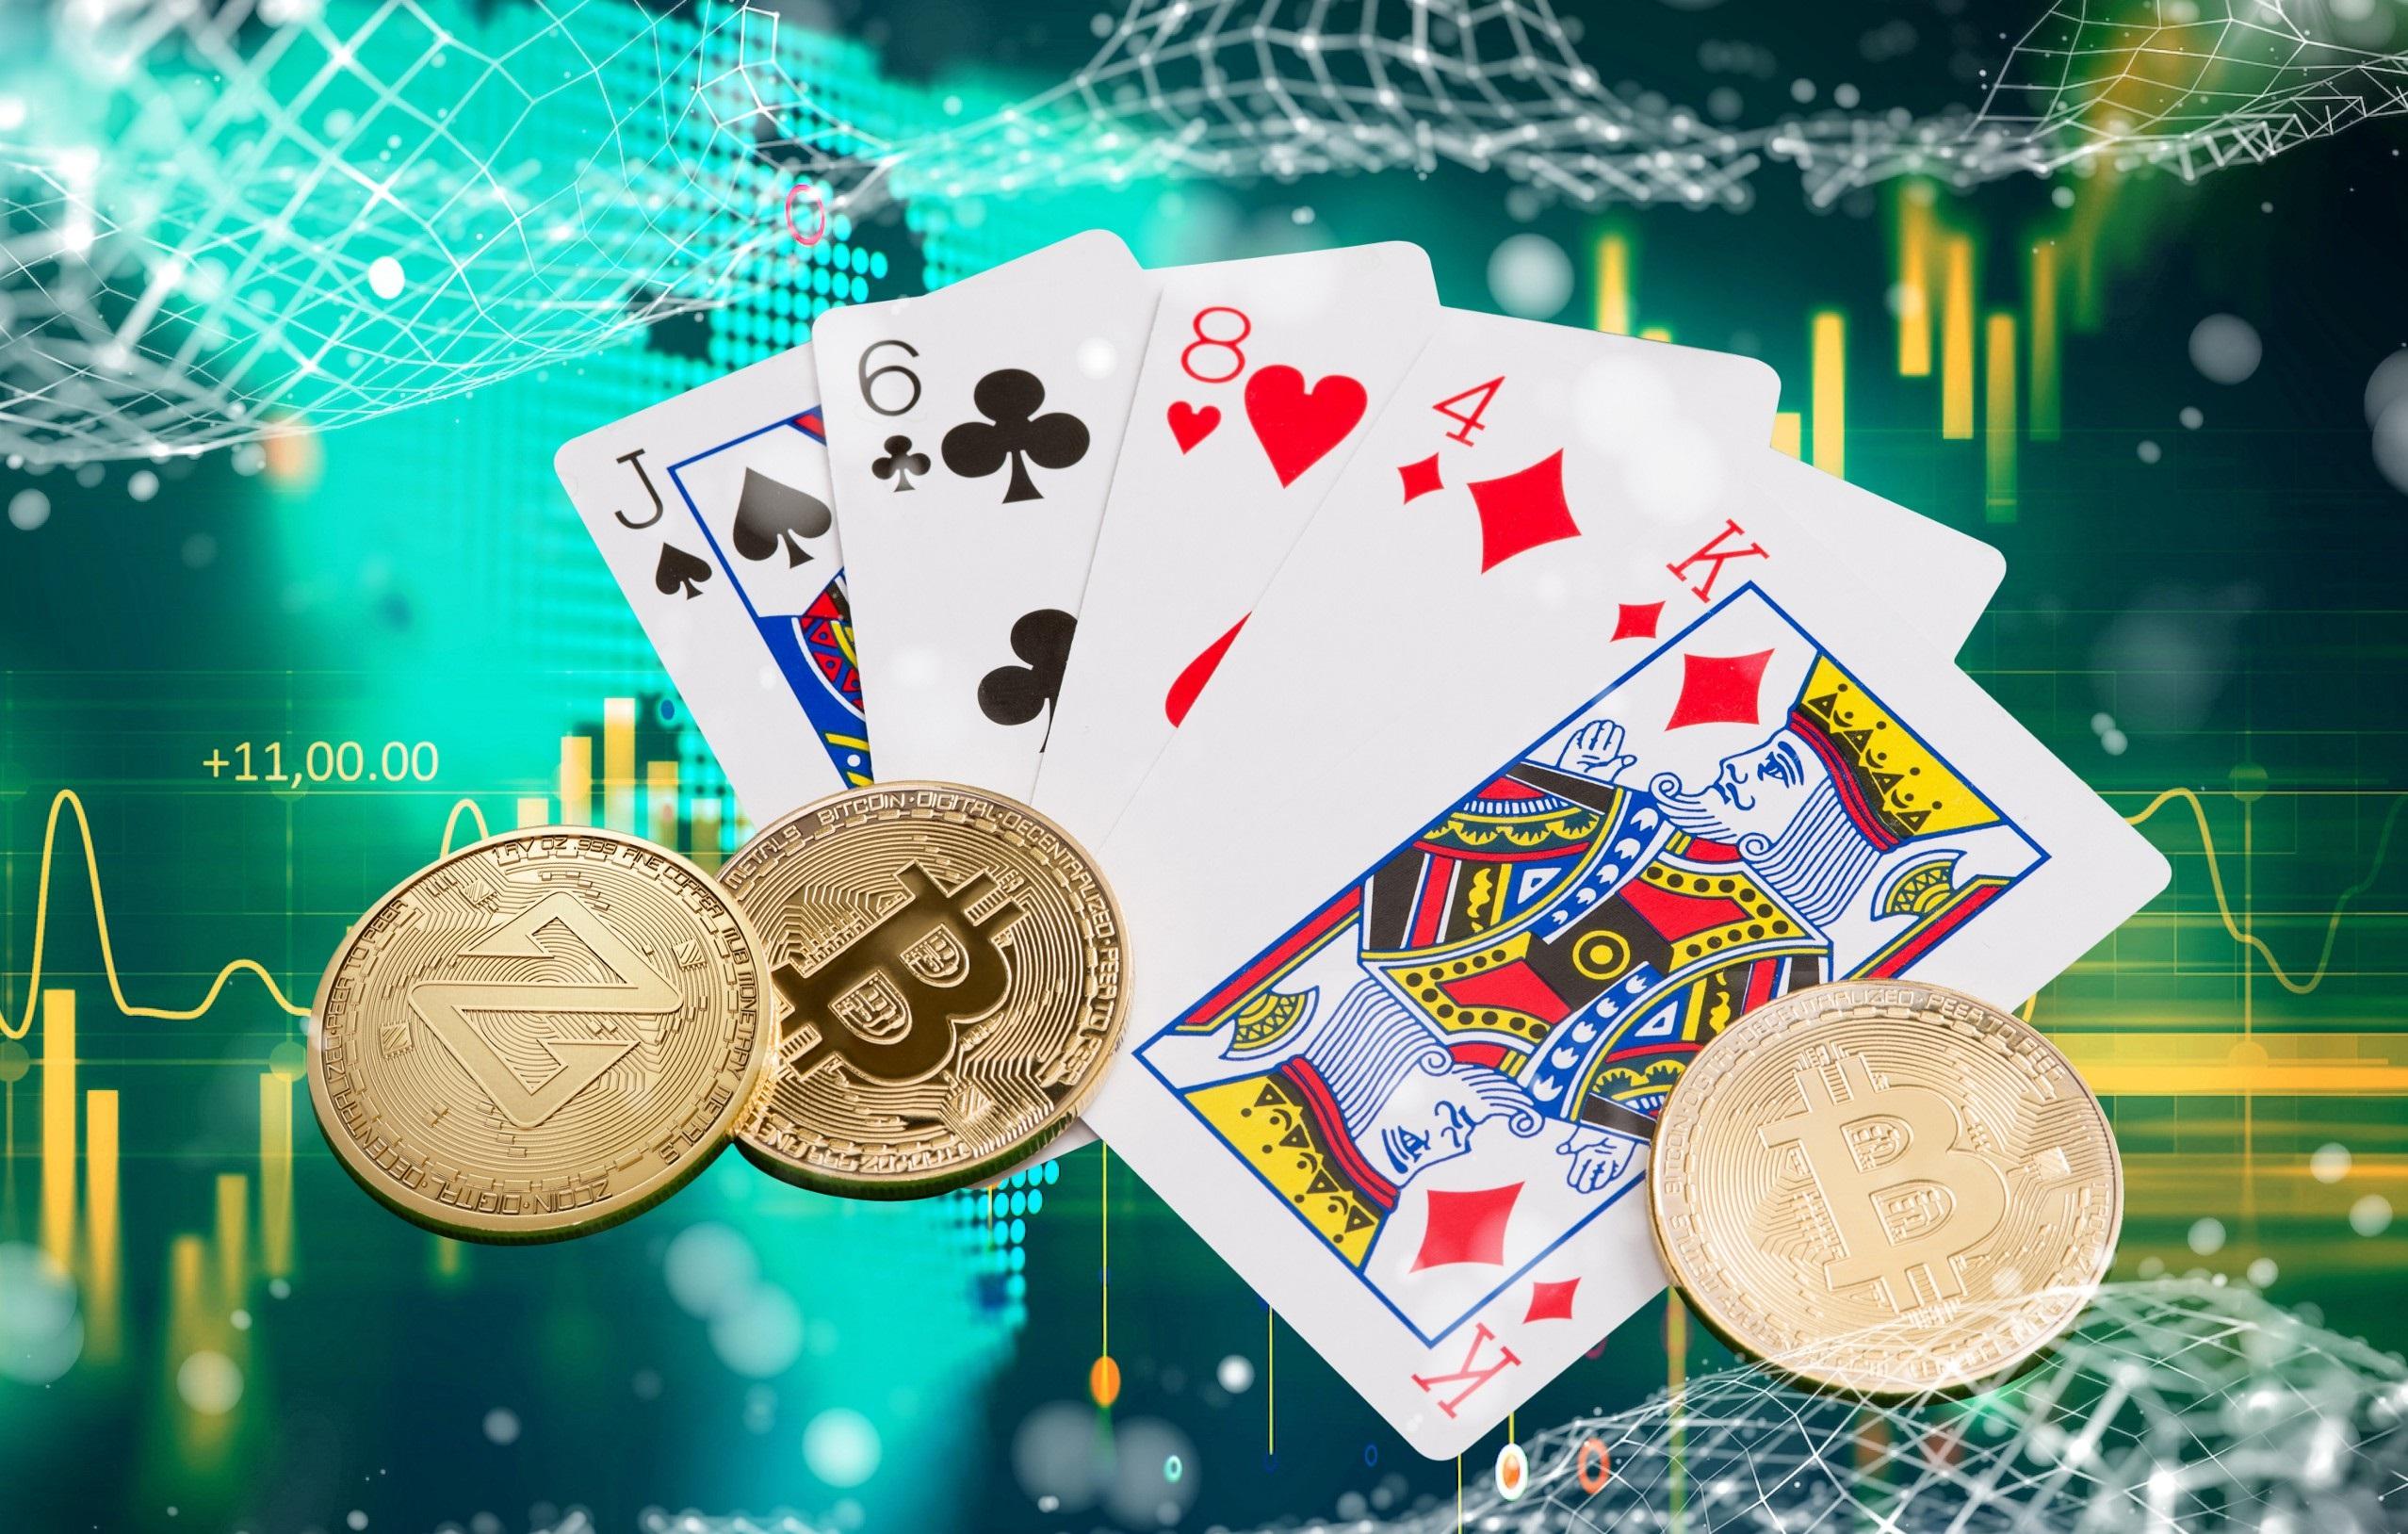 Создать i казино на деньги джойказино официальный сайт на деньги